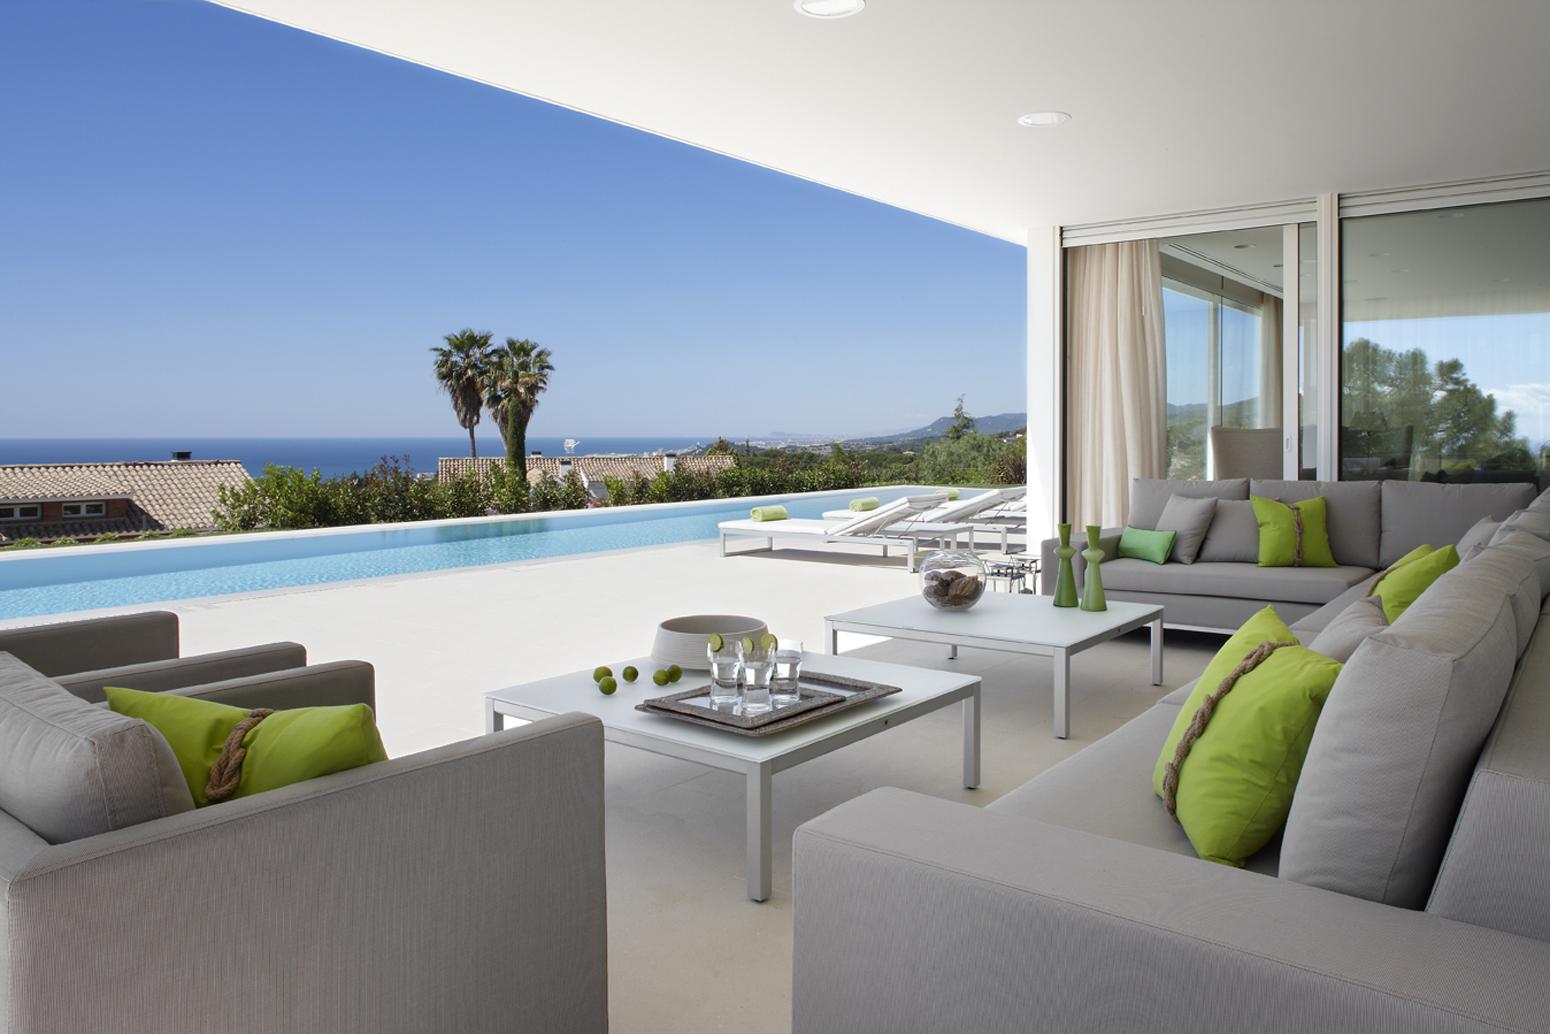 Una casa en el maresme con vistas al mar - Casas en el mar ...